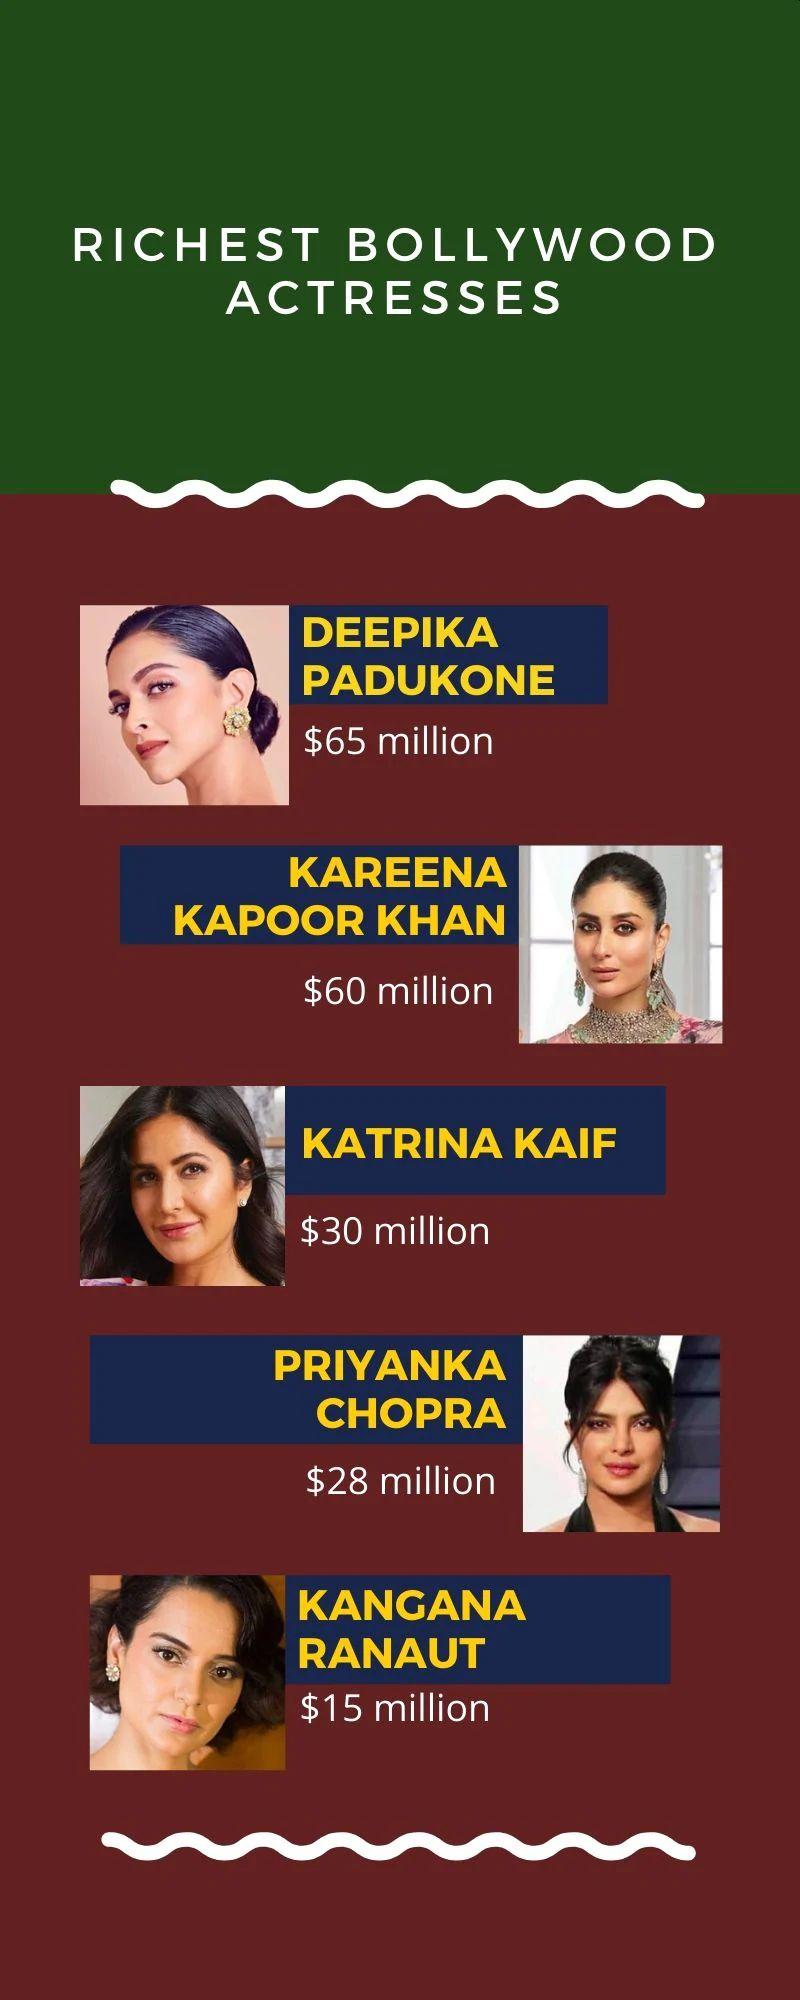 najbogatsze aktorki bollywood